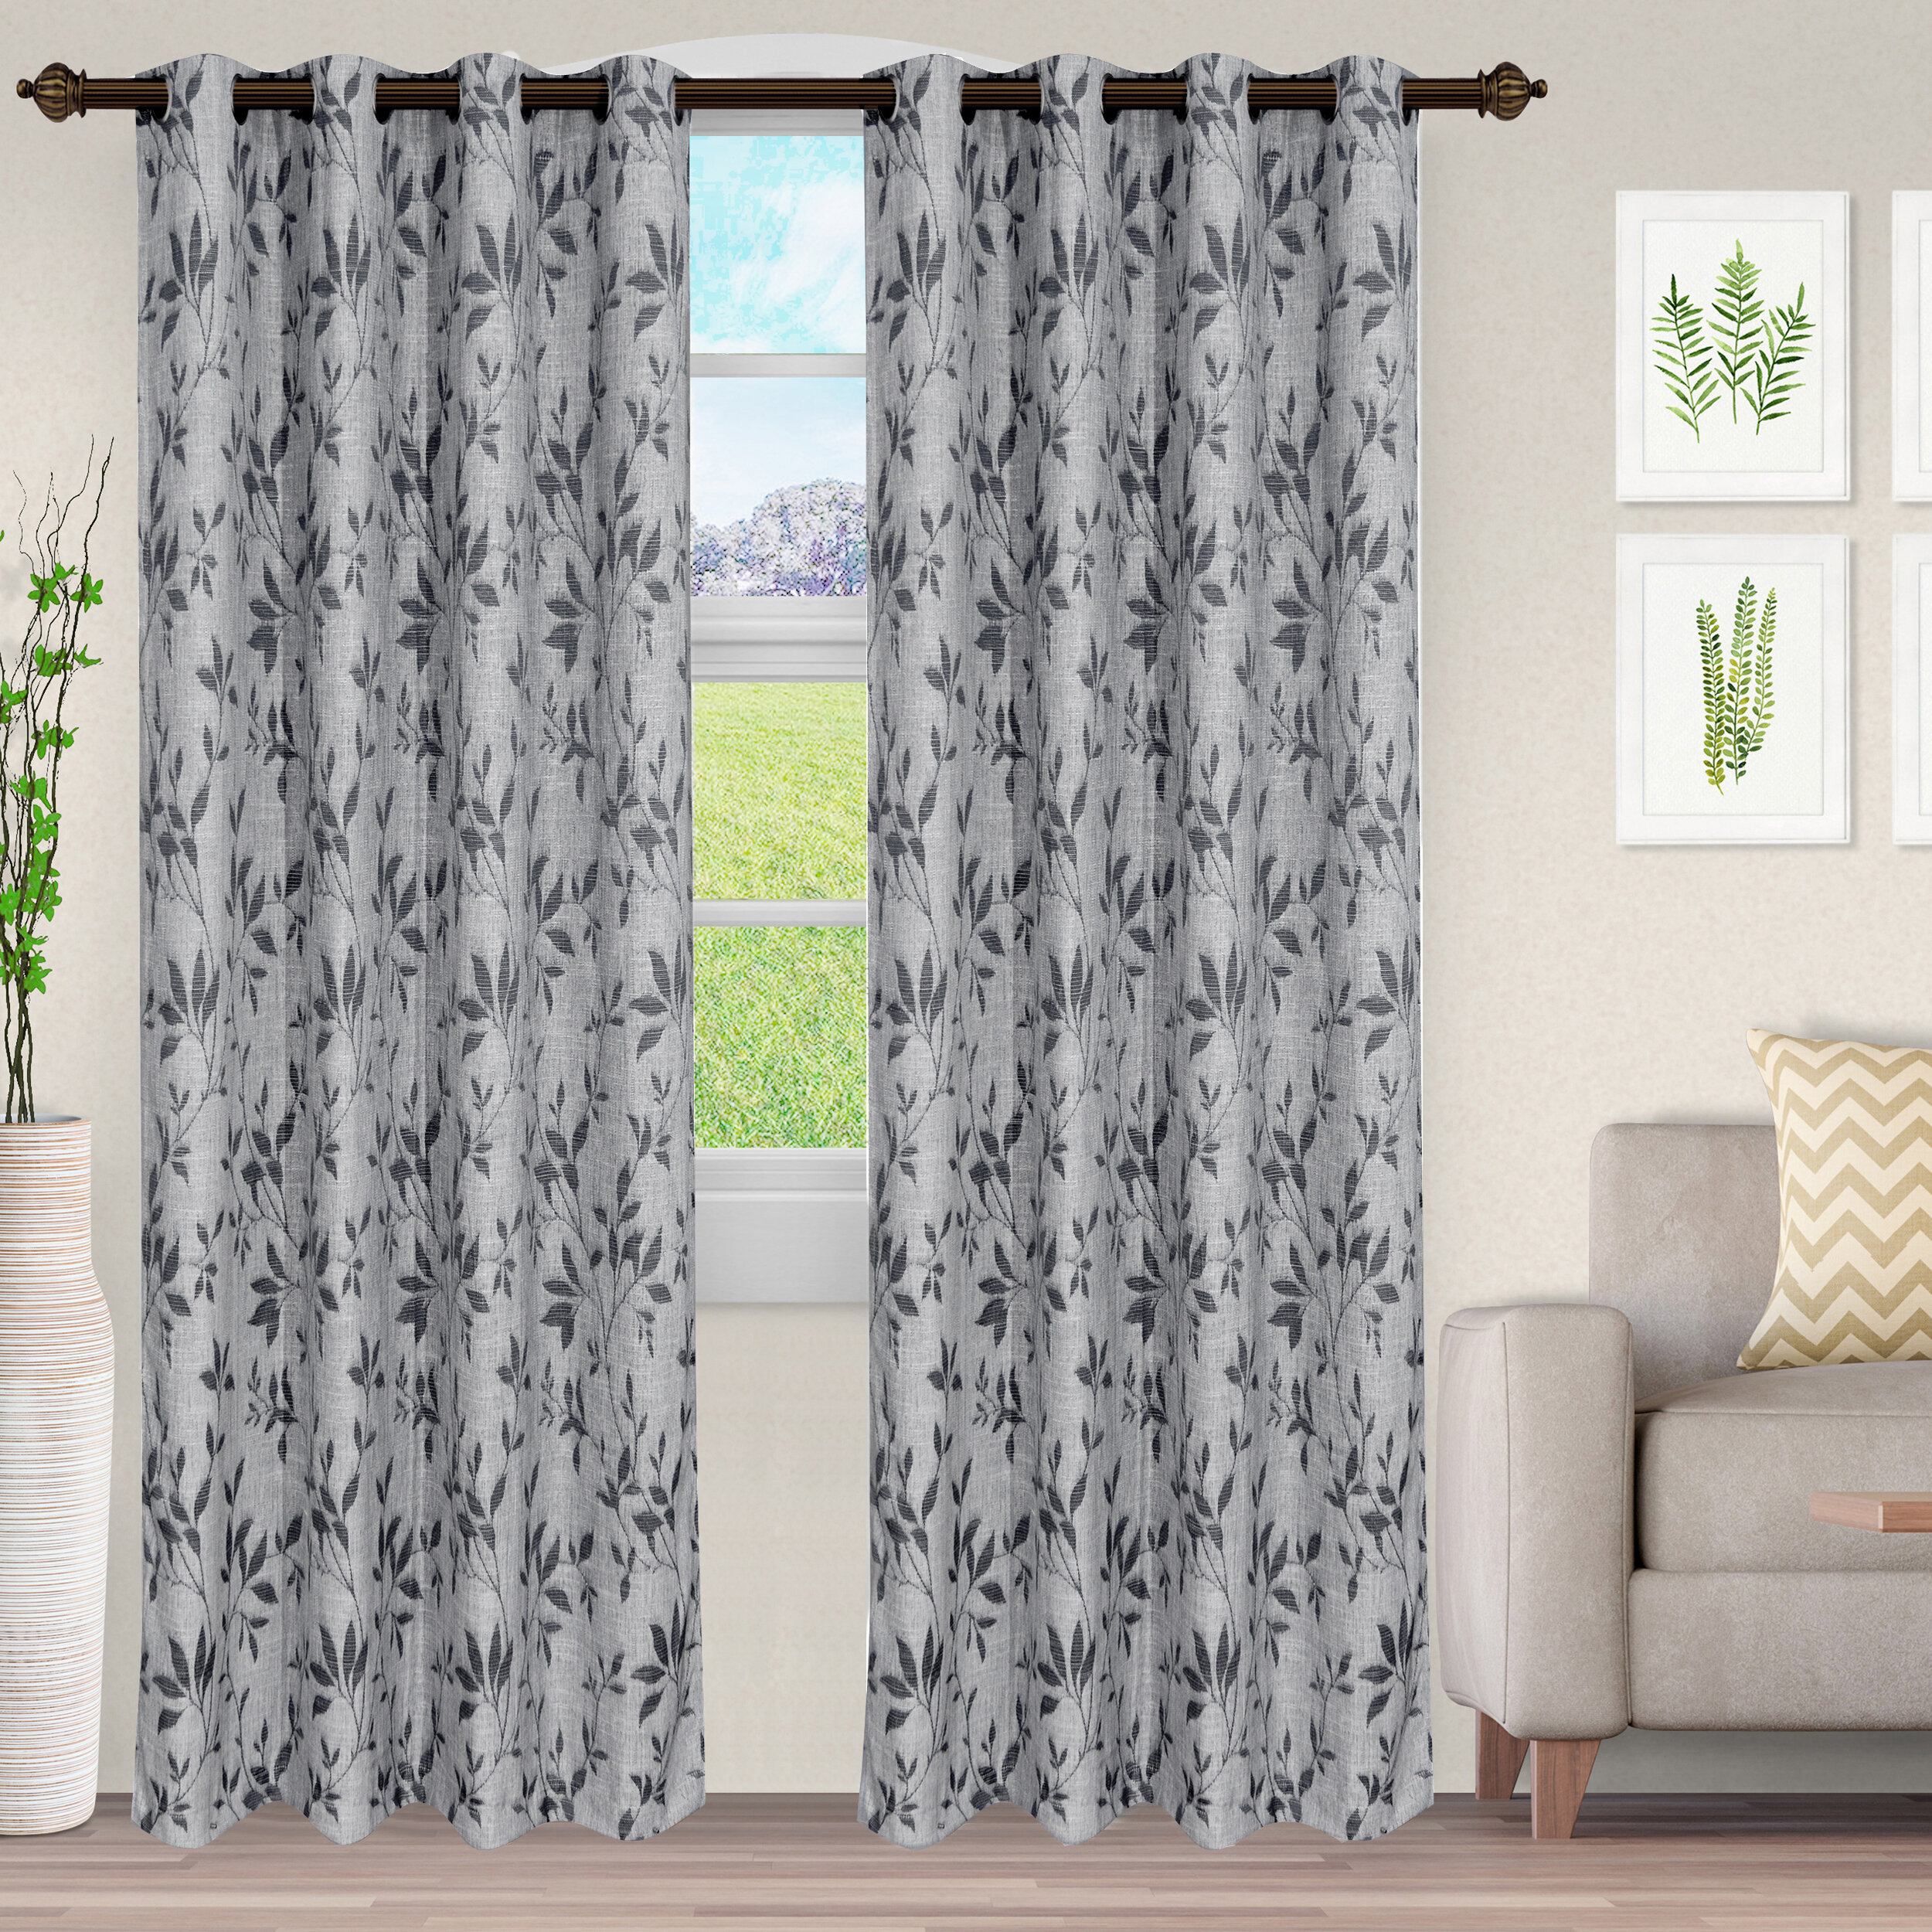 Just Home Blackout Curtains 2 Panels Room Darkening Grommet Window Door